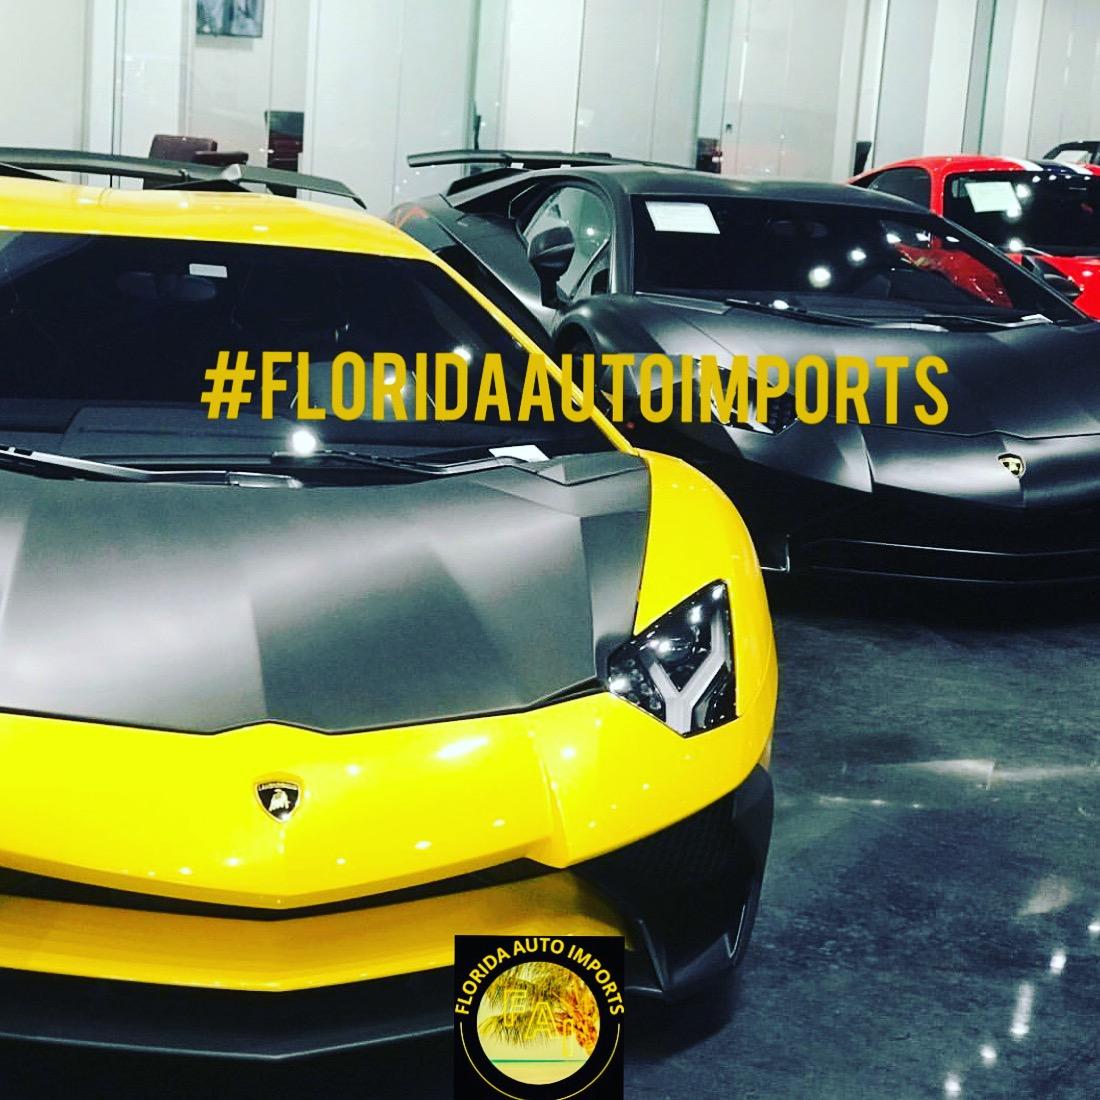 Florida Auto Imports image 2